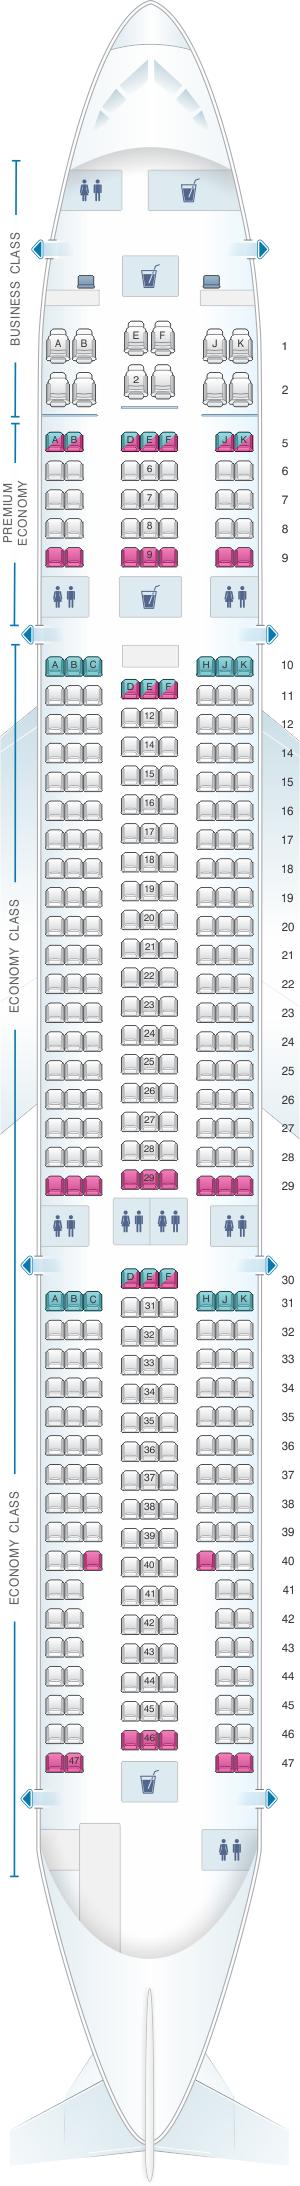 Seat map for Air Caraibes Airbus A330 300 354PAX